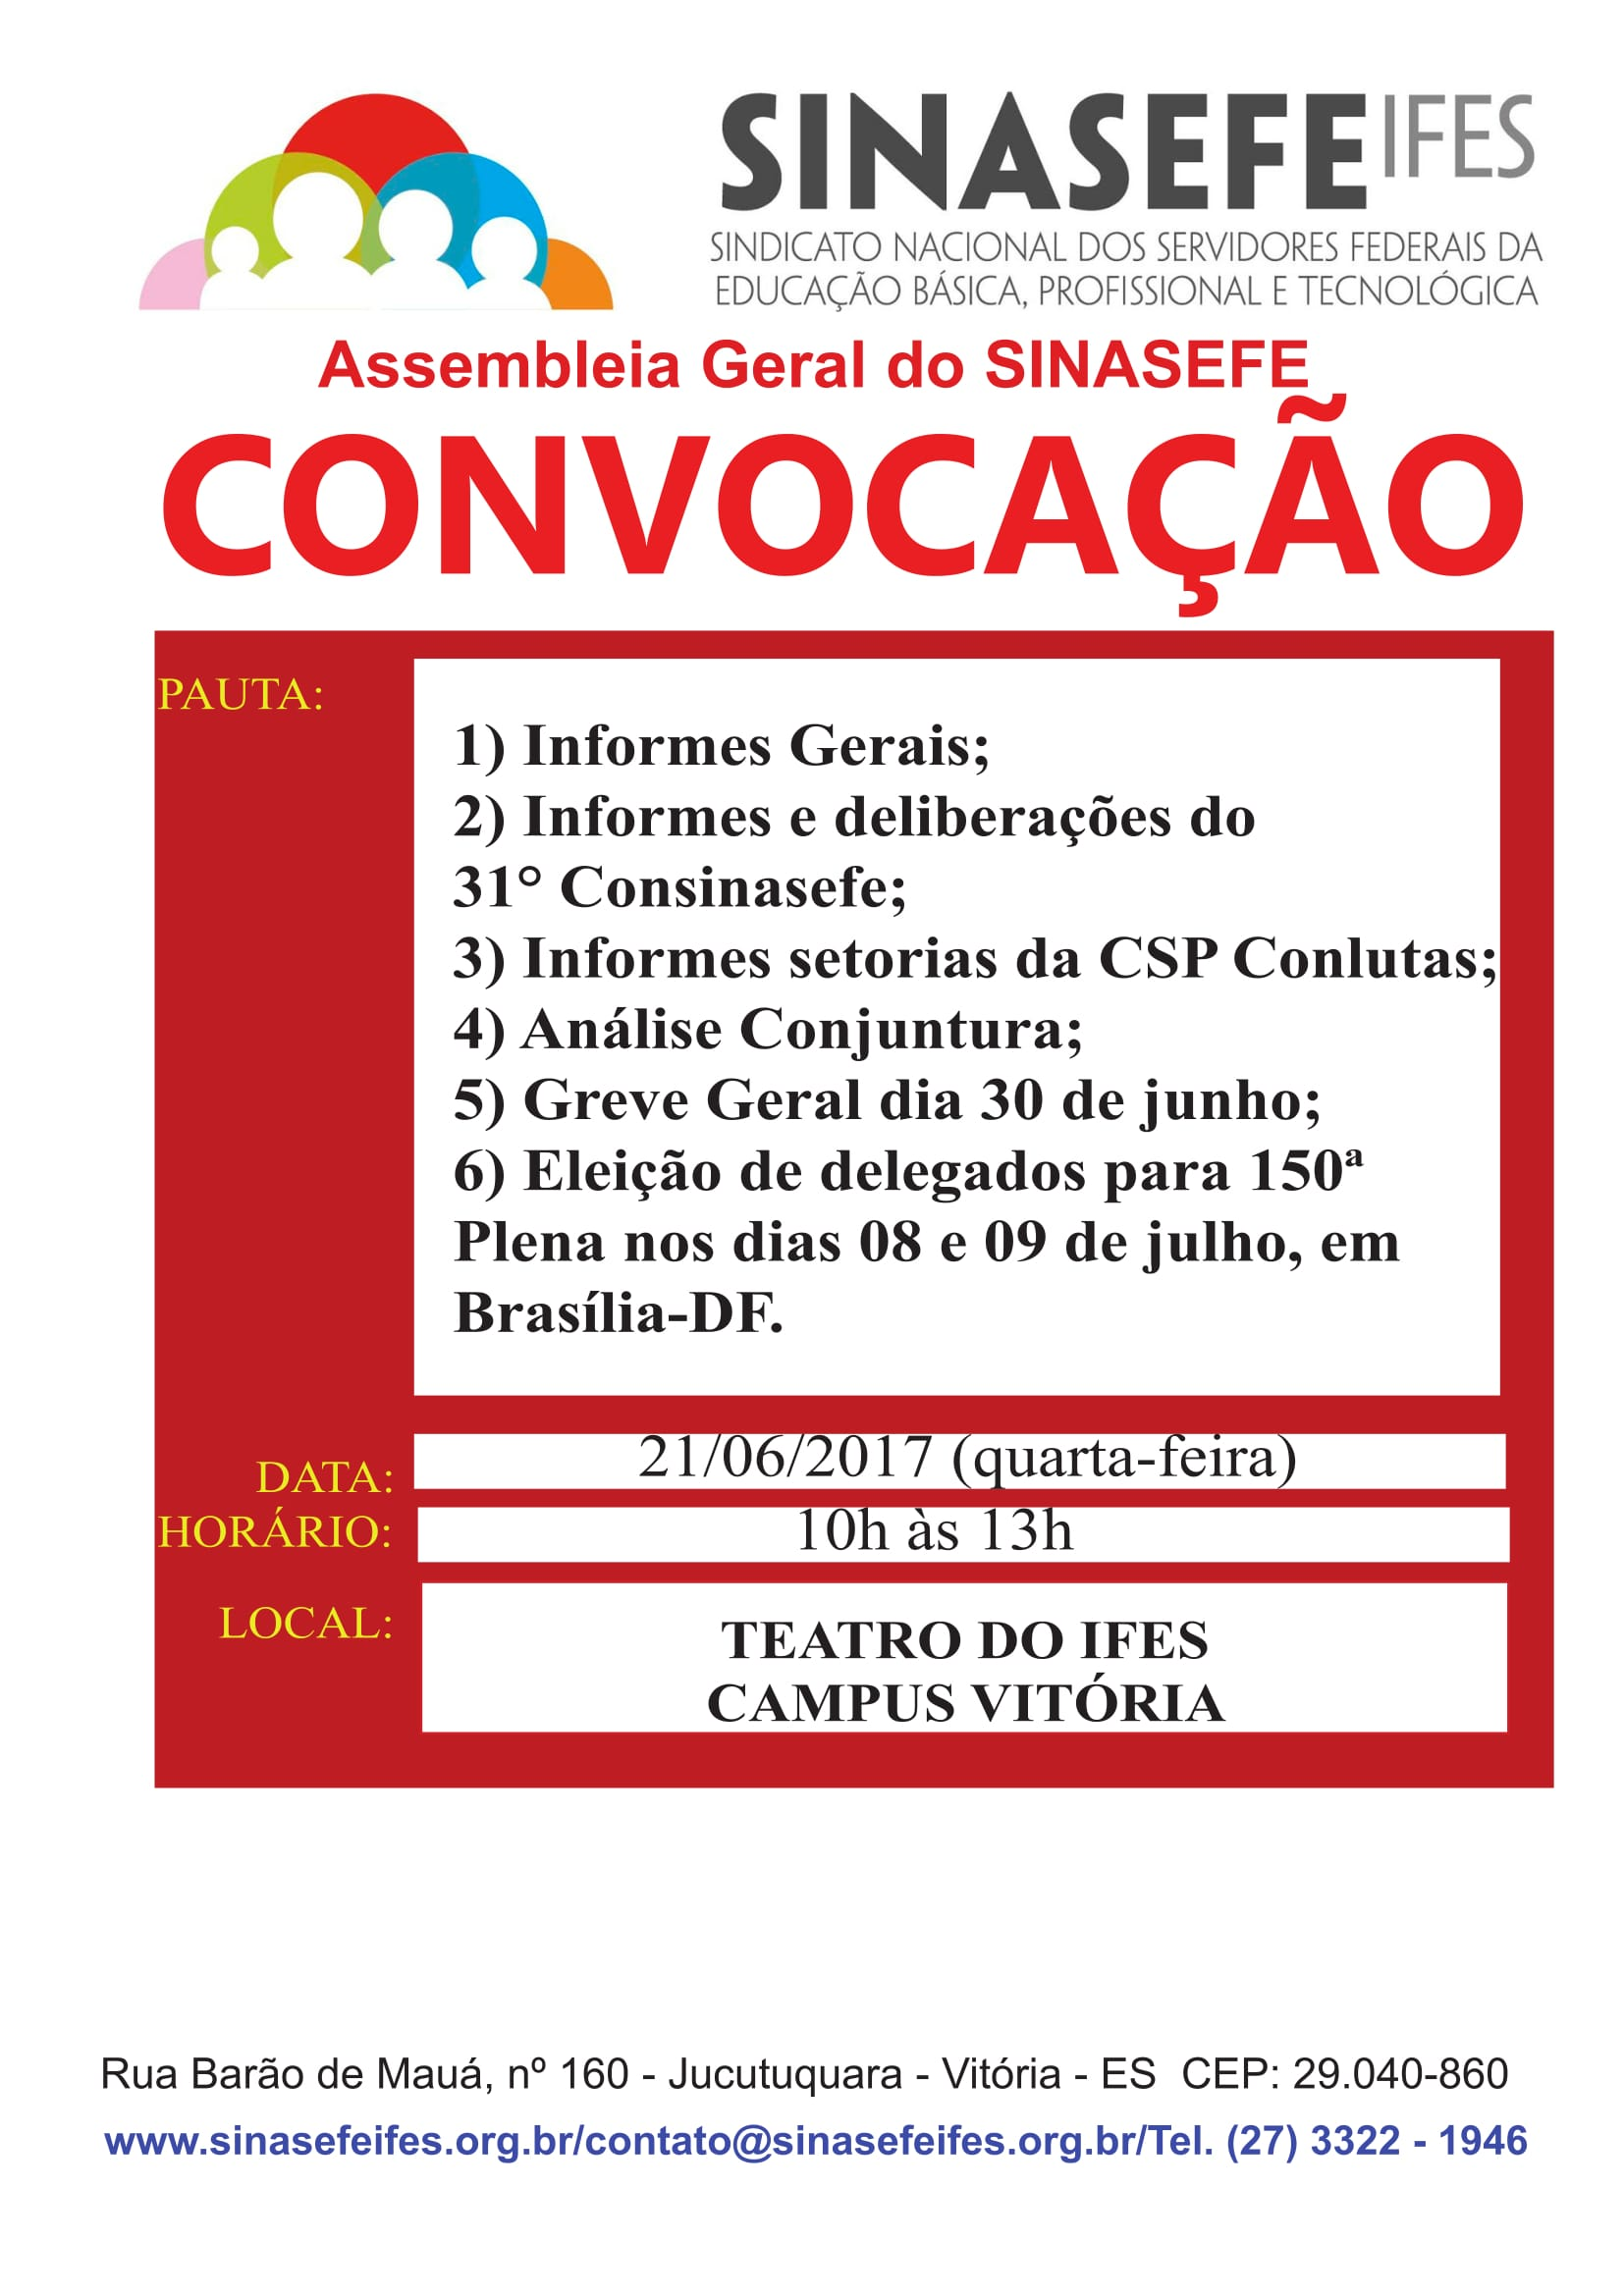 Convocação para AG 21.06 - Teatro Campus Vitória-1